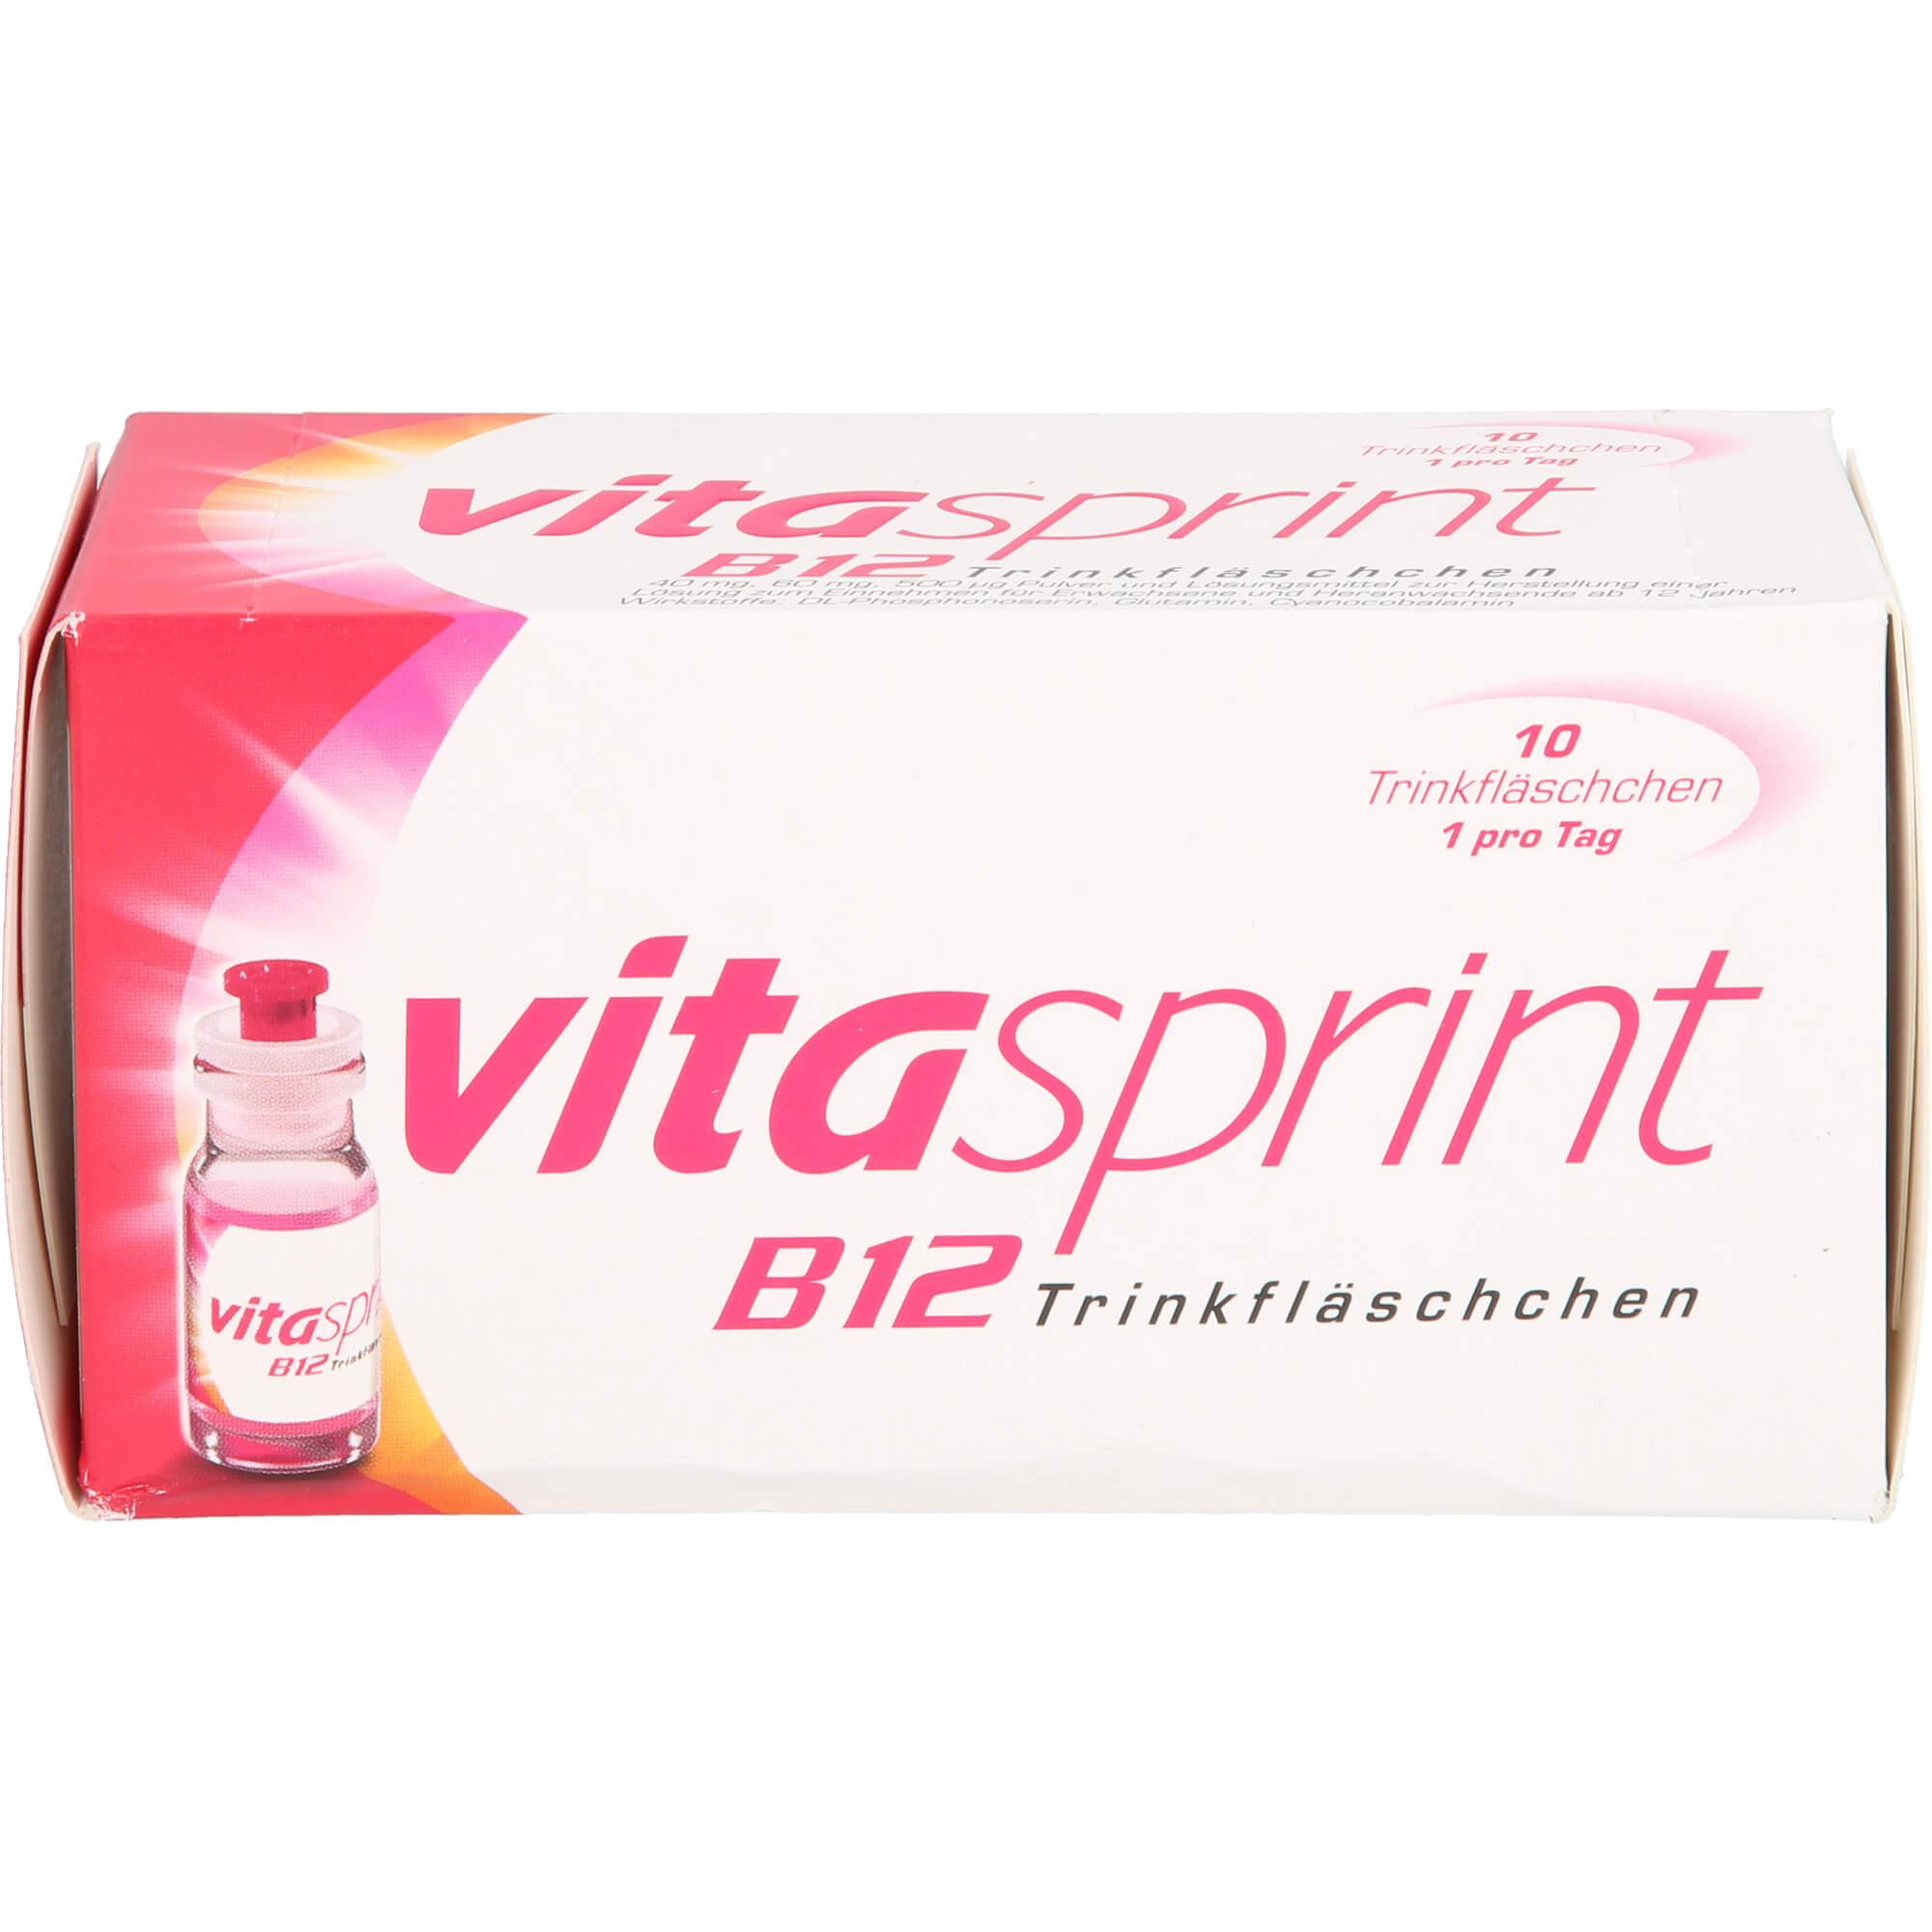 VITASPRINT-B12-Trinkflaeschchen